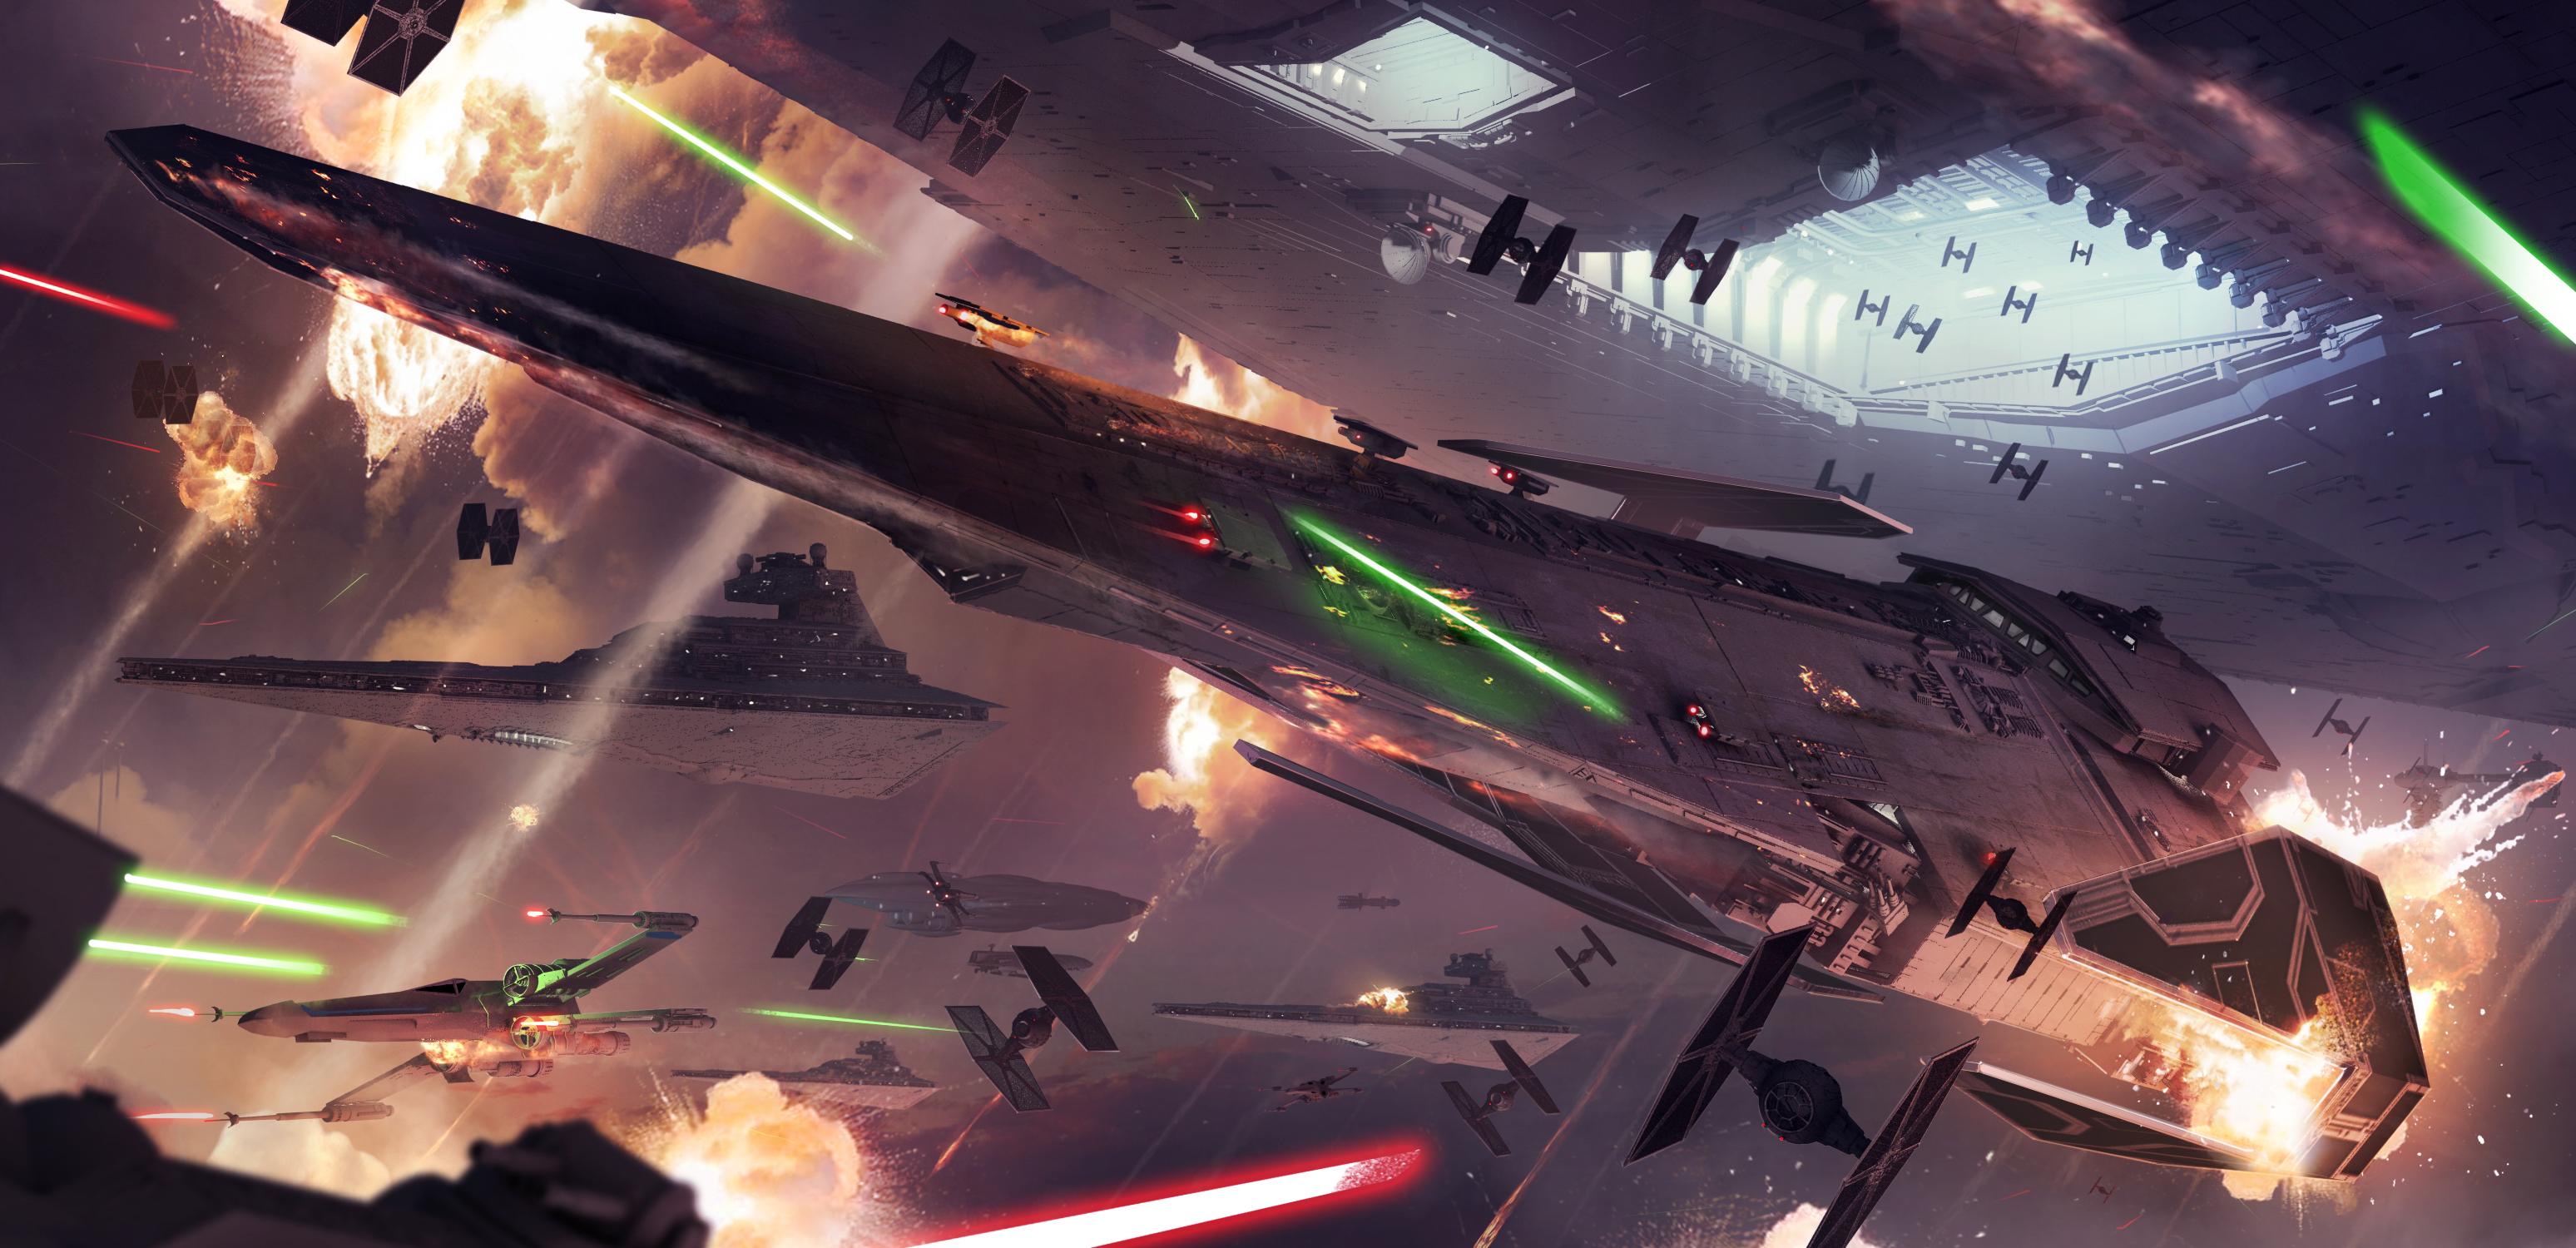 Star Wars: Battlefront 2 nabídne vylepšené souboje hrdinů a nový přístup k vozidlům 142319